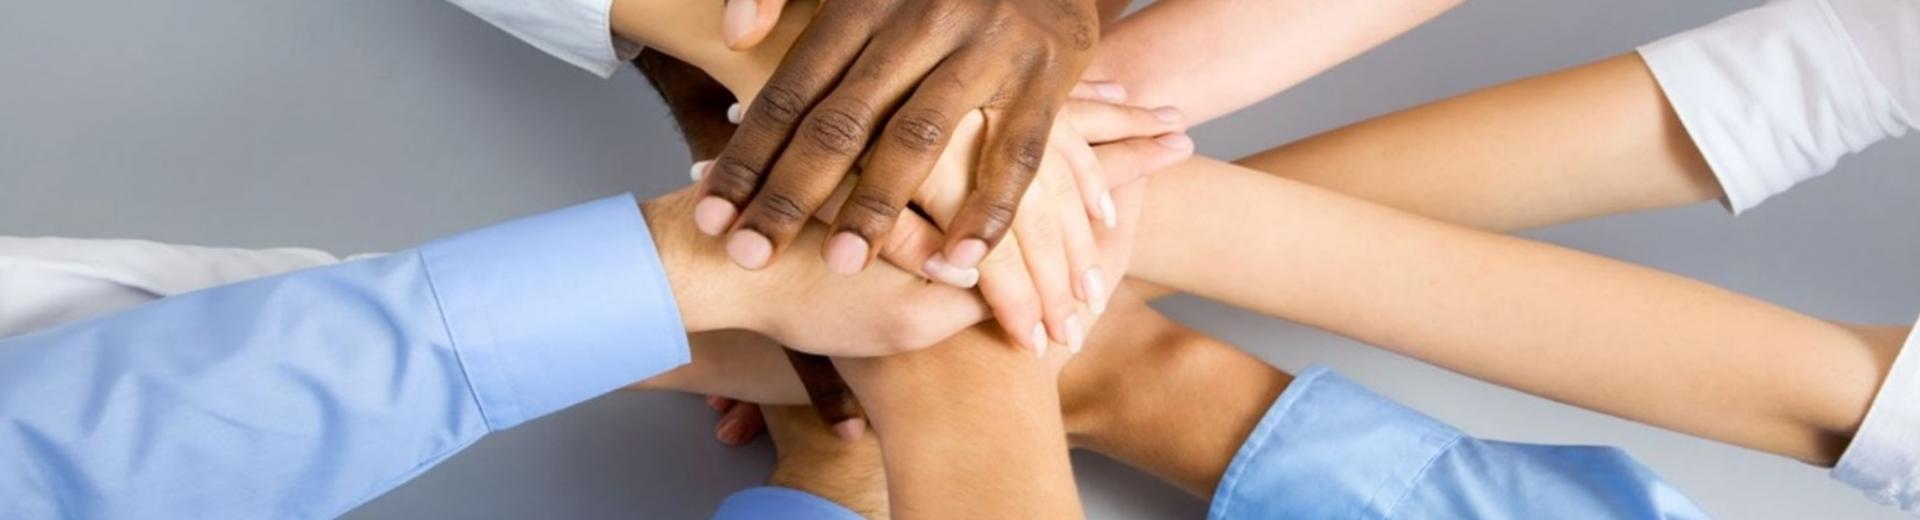 Team building hands